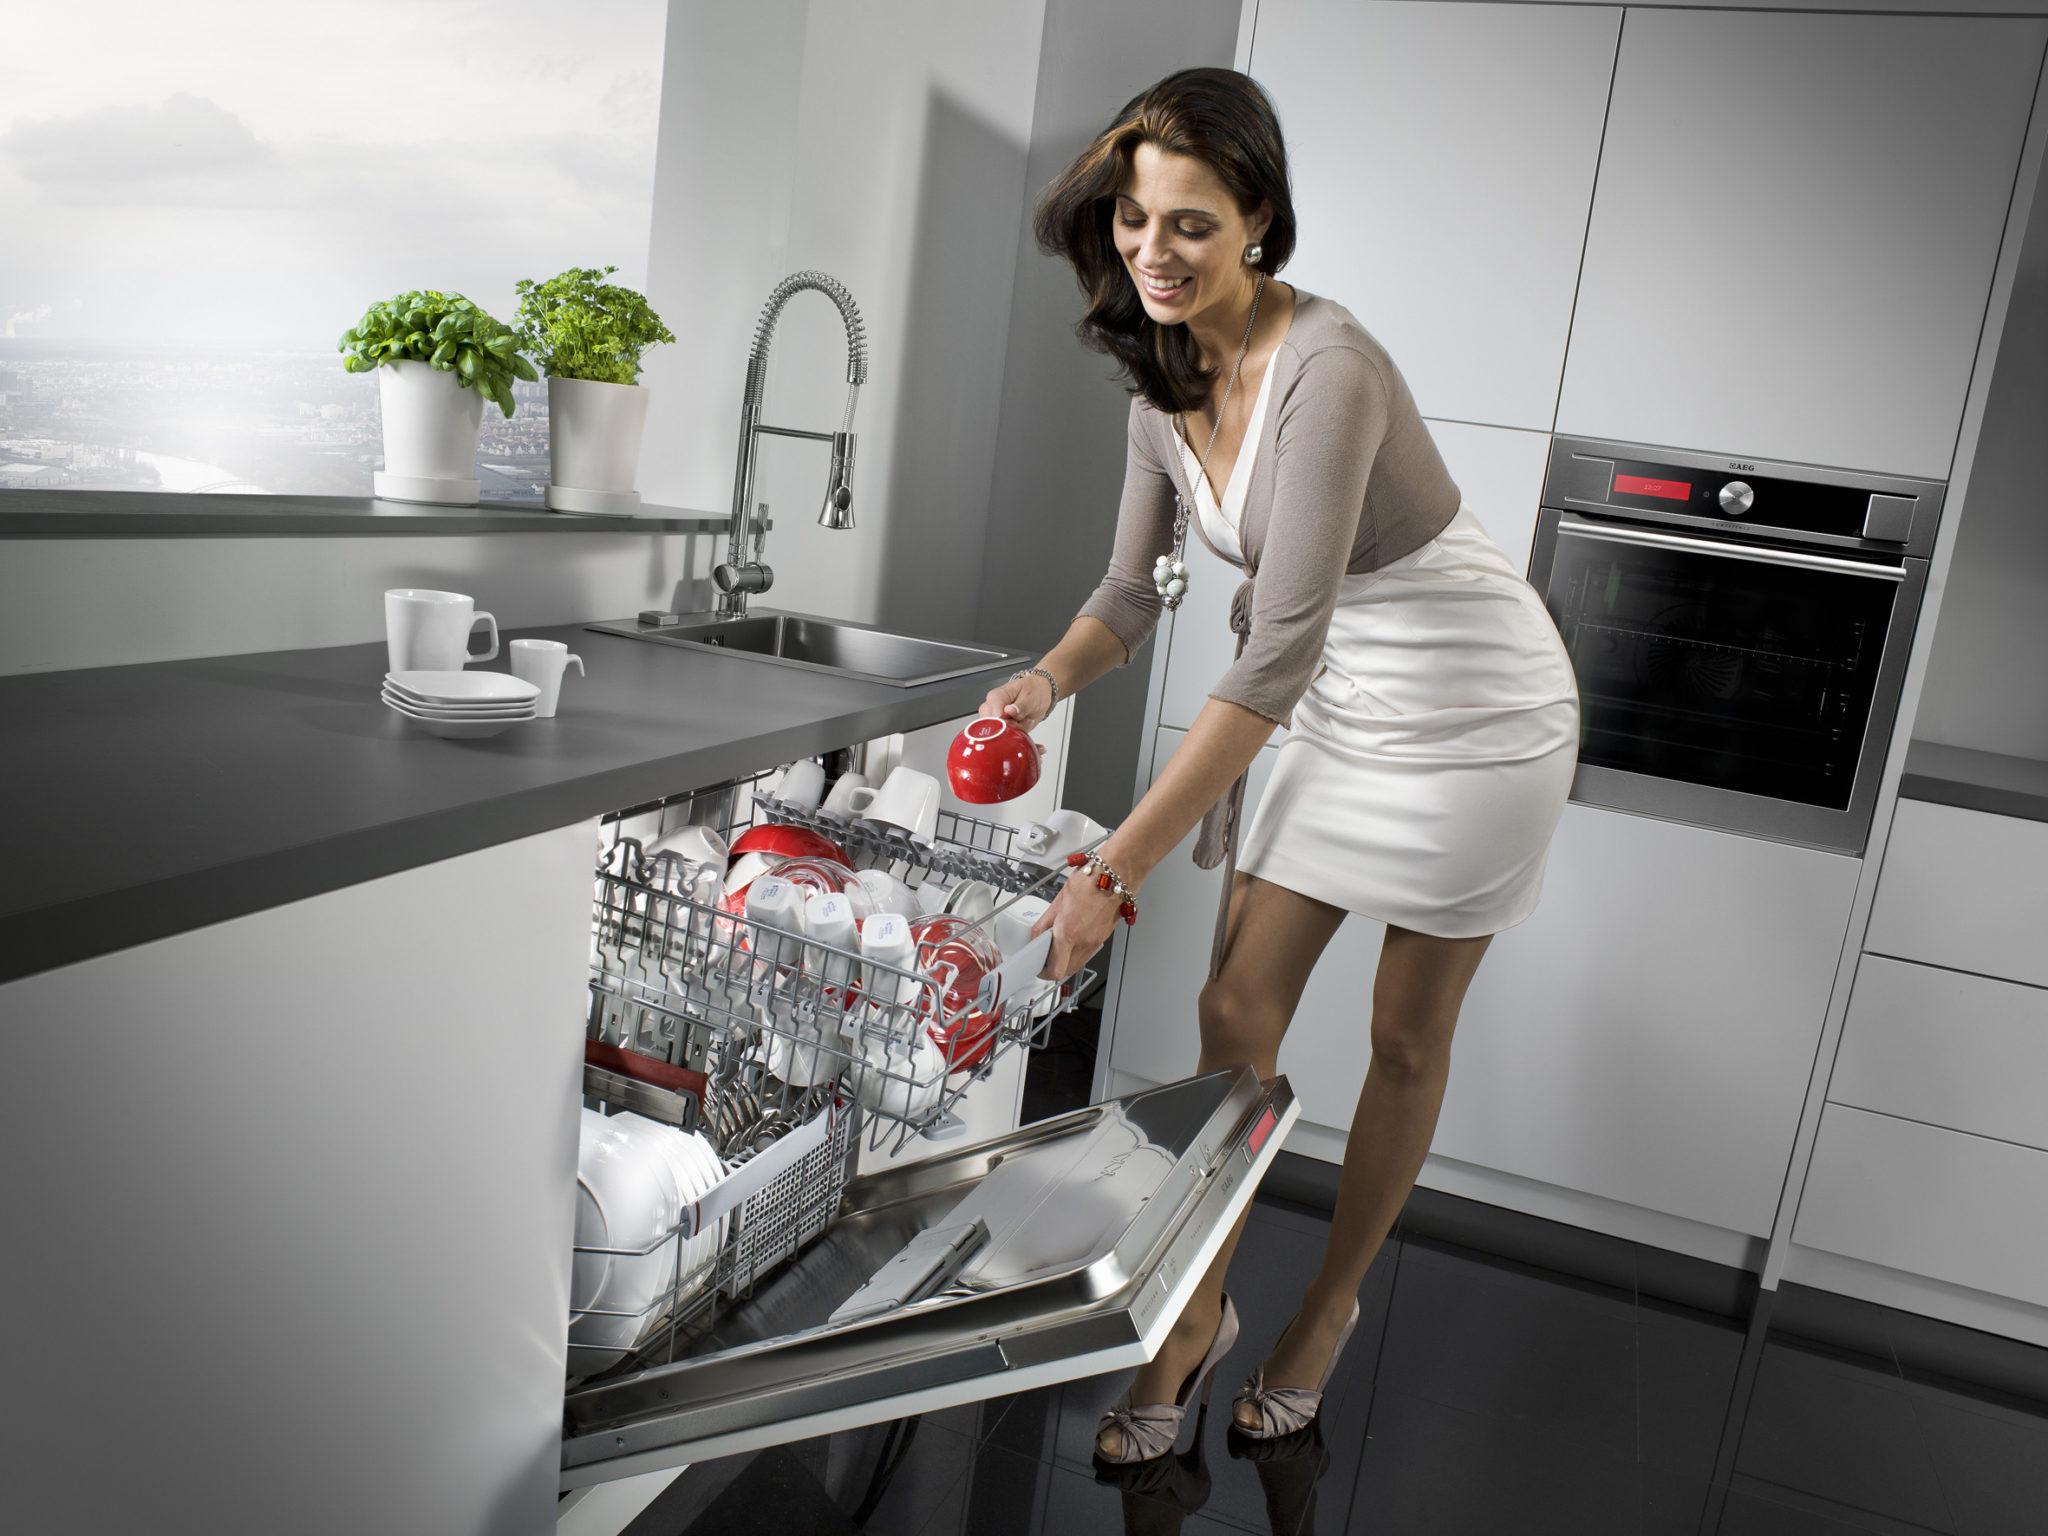 этом прикольное пожелание посудомойке приложении для создания